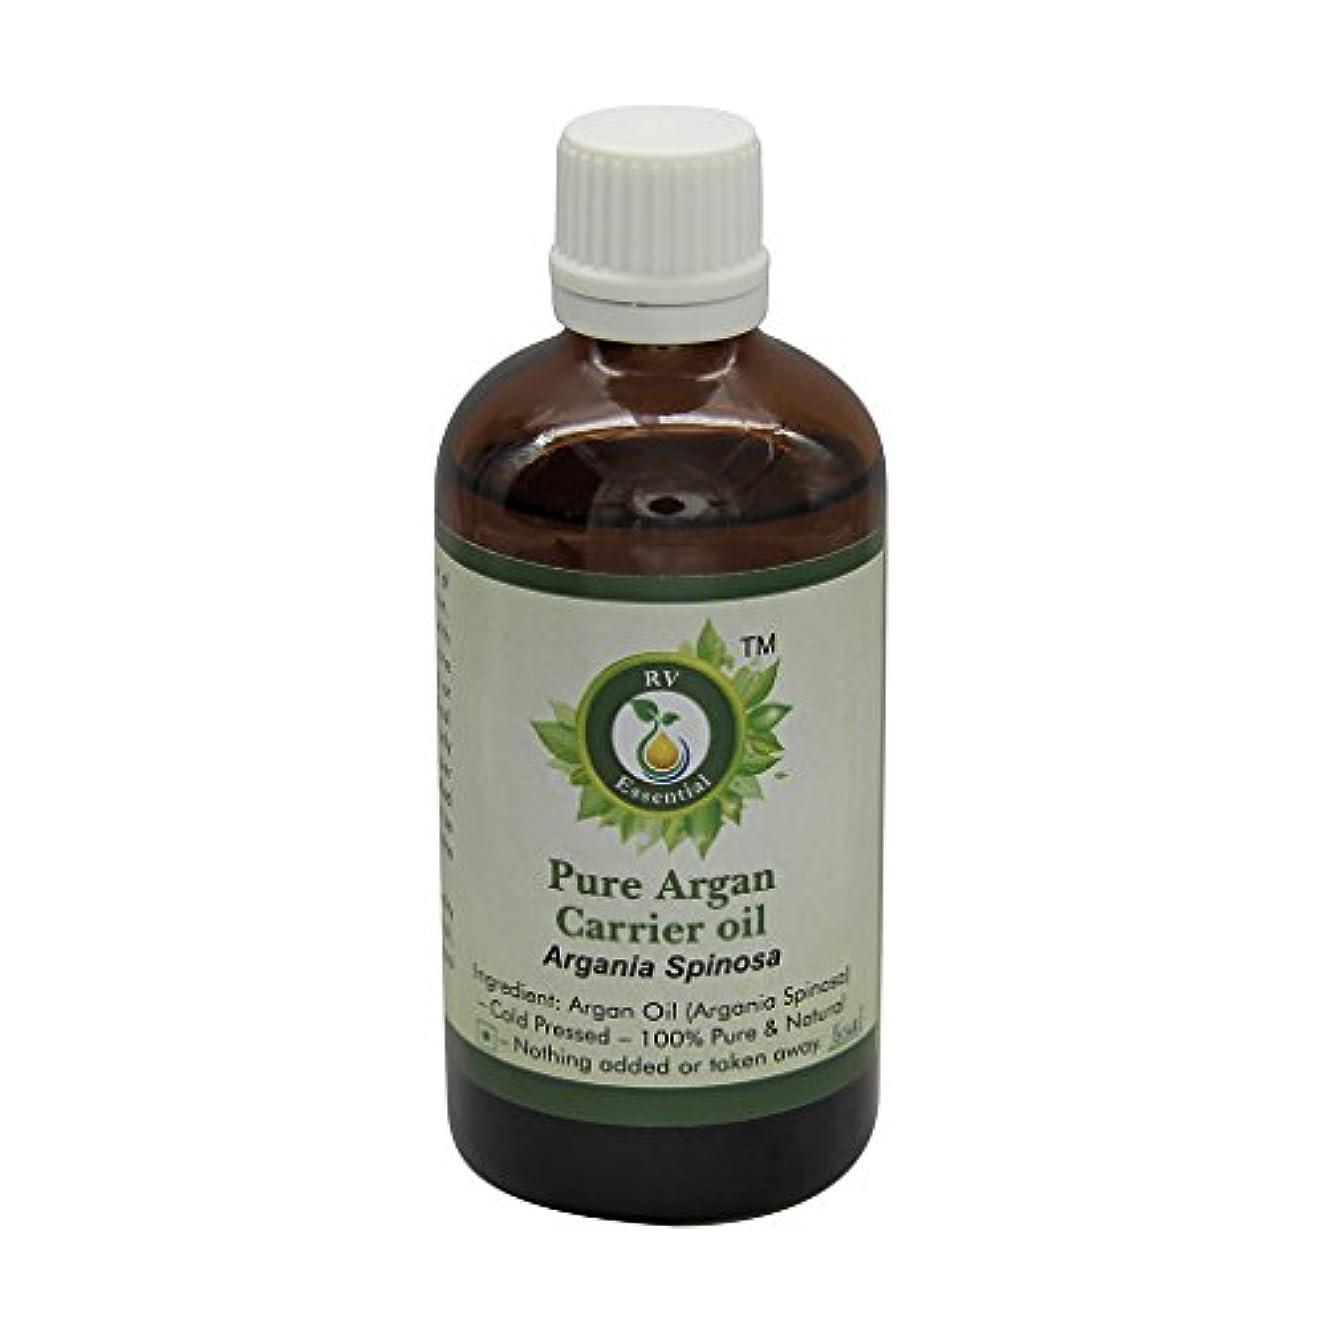 ベギン疑わしい朝食を食べるR V Essential ピュアアルガンキャリアオイル100ml (3.38oz)- Argania Spinosa (100%ピュア&ナチュラルコールドPressed) Pure Argan Carrier Oil